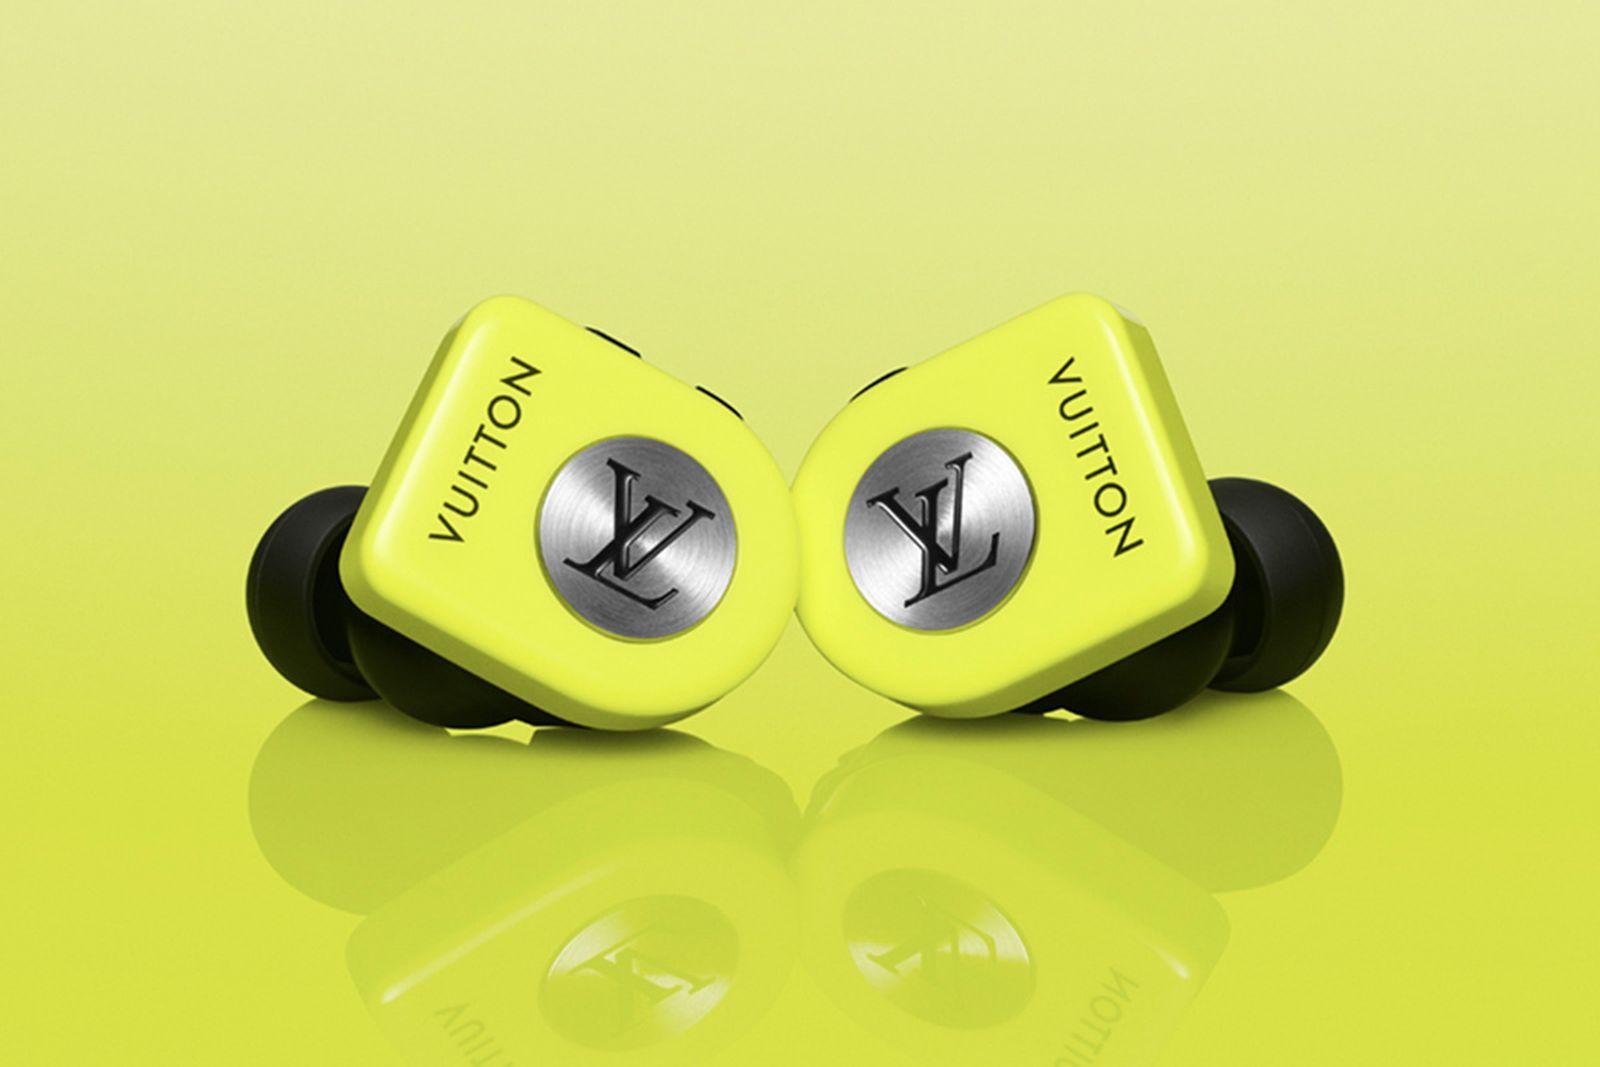 louis-vuitton-wireless-earphones-horizon-second-release-01